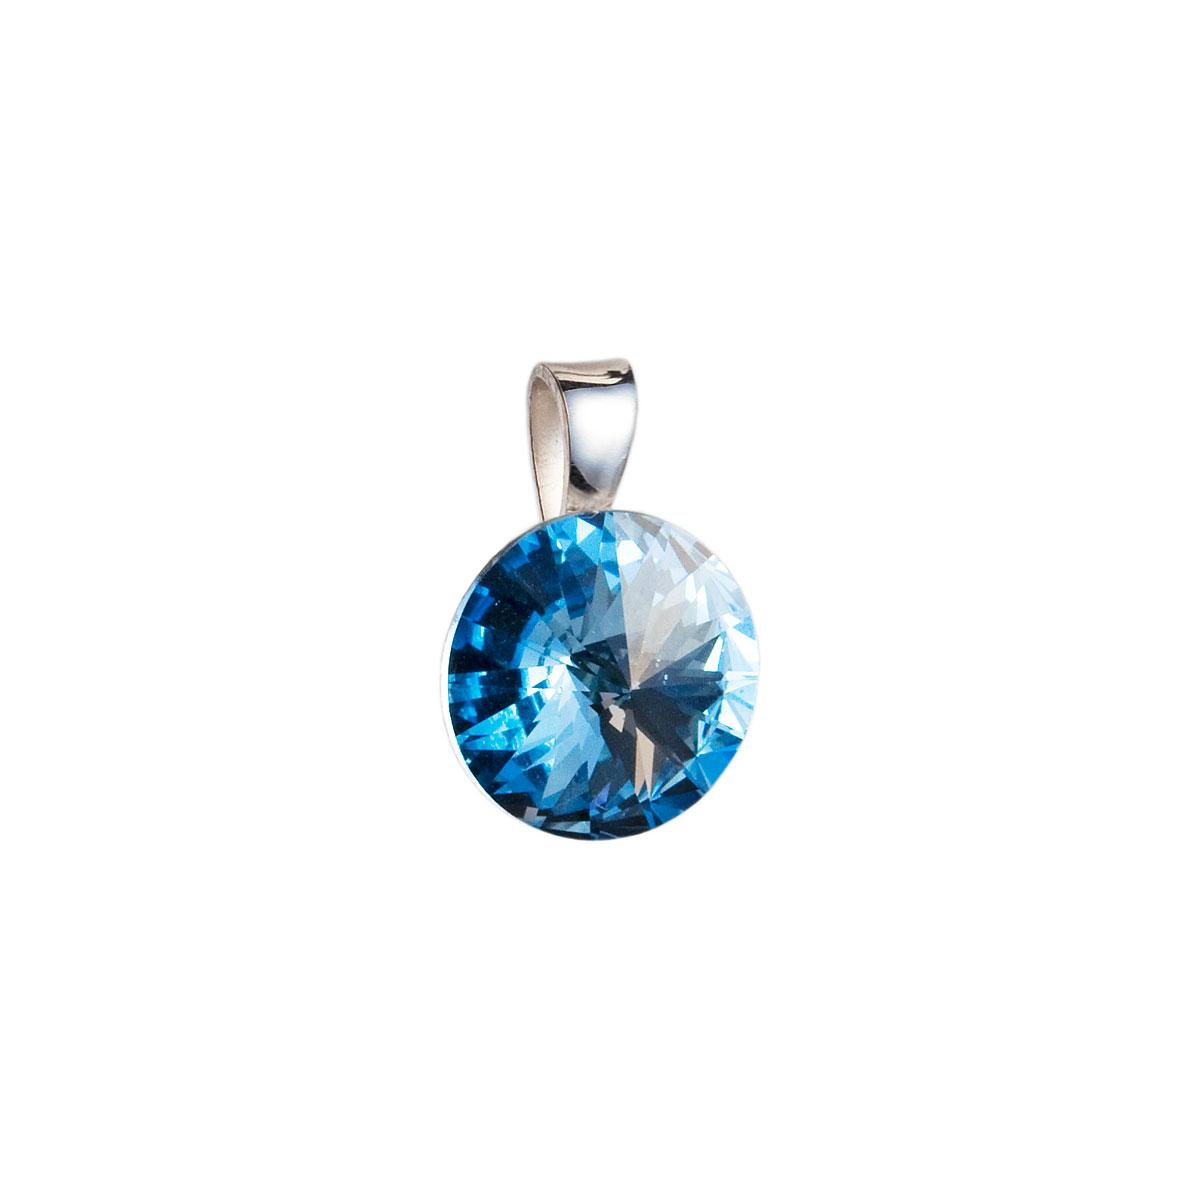 Evolution Group Stříbrný přívěsek s krystaly Swarovski modrý kulatý-rivoli 34112.3